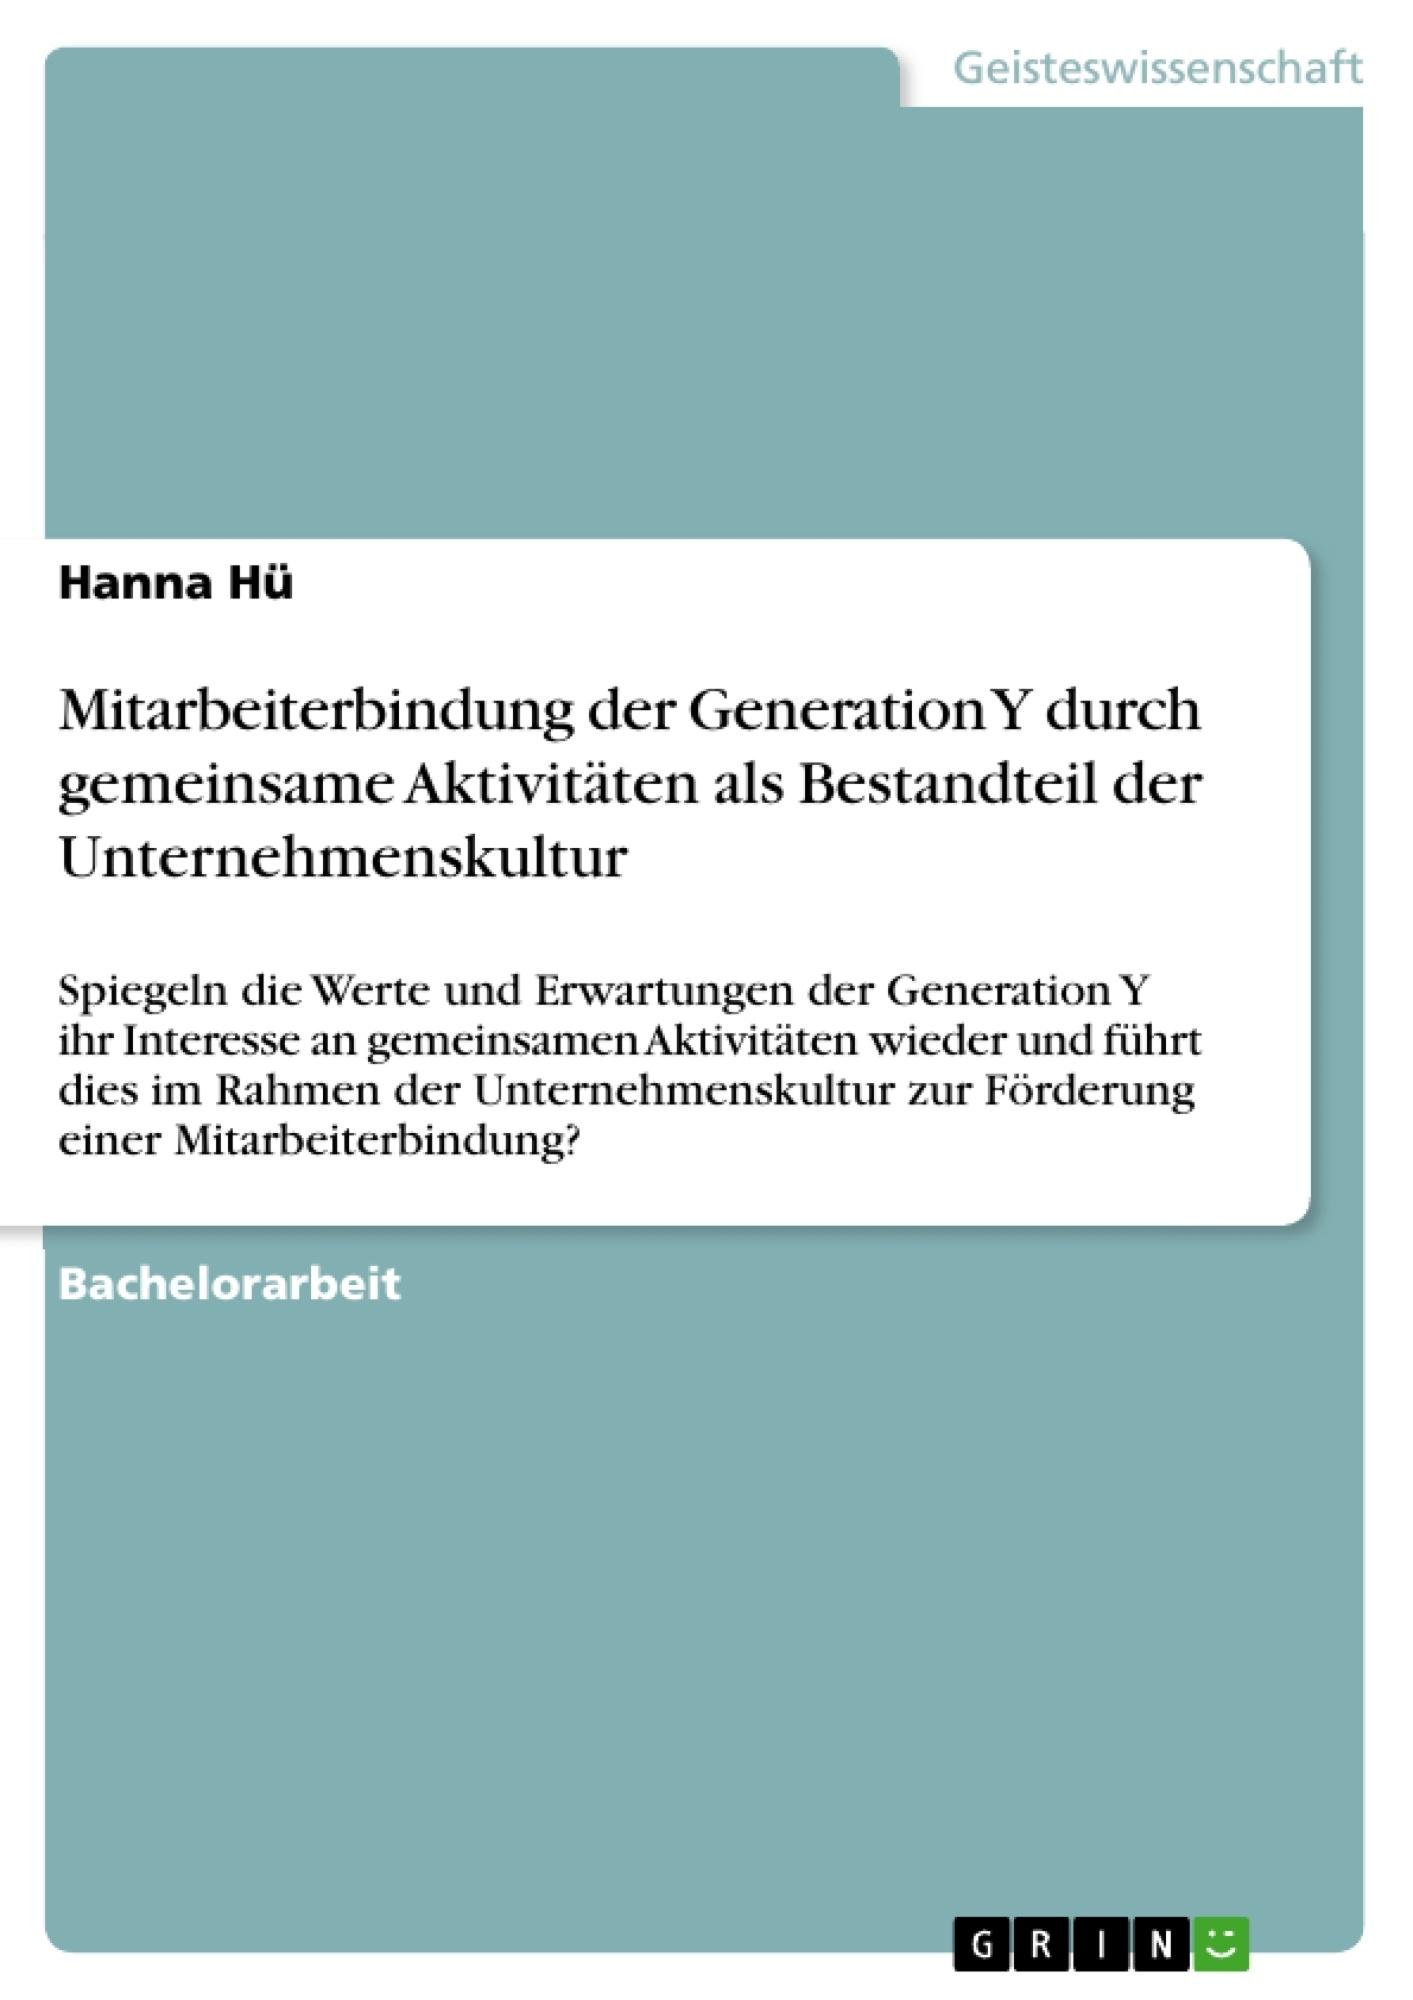 Titel: Mitarbeiterbindung der Generation Y durch gemeinsame Aktivitäten als Bestandteil der Unternehmenskultur